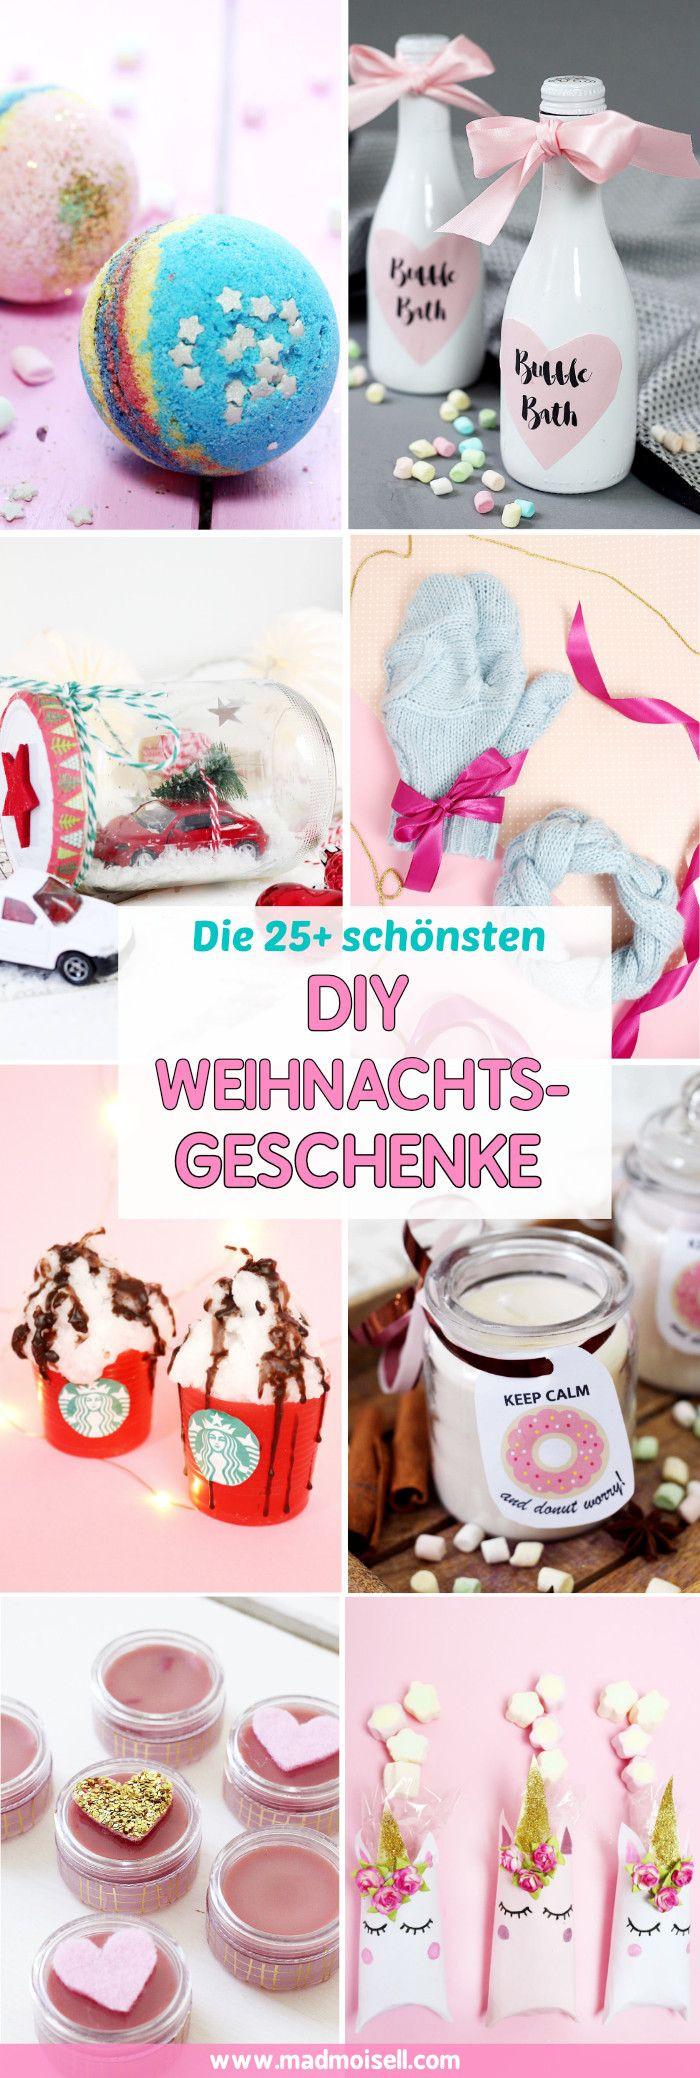 Diy Geschenke Weihnachten  3370 besten DIY Basteln & Selbermachen Bilder auf